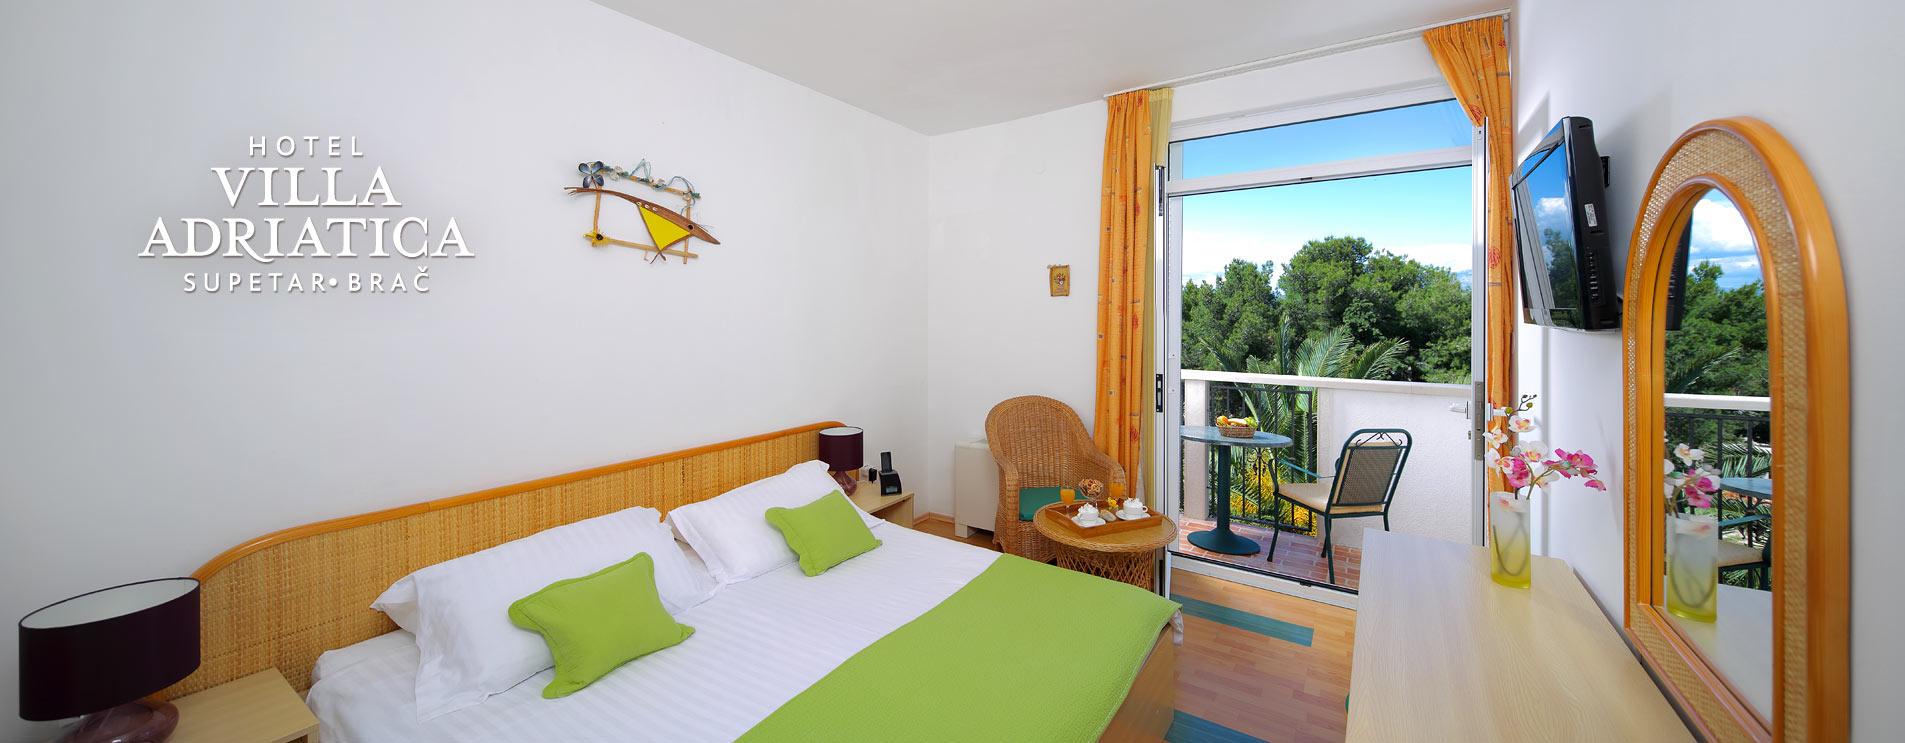 Hotel Villa Adriatica, Accommodation